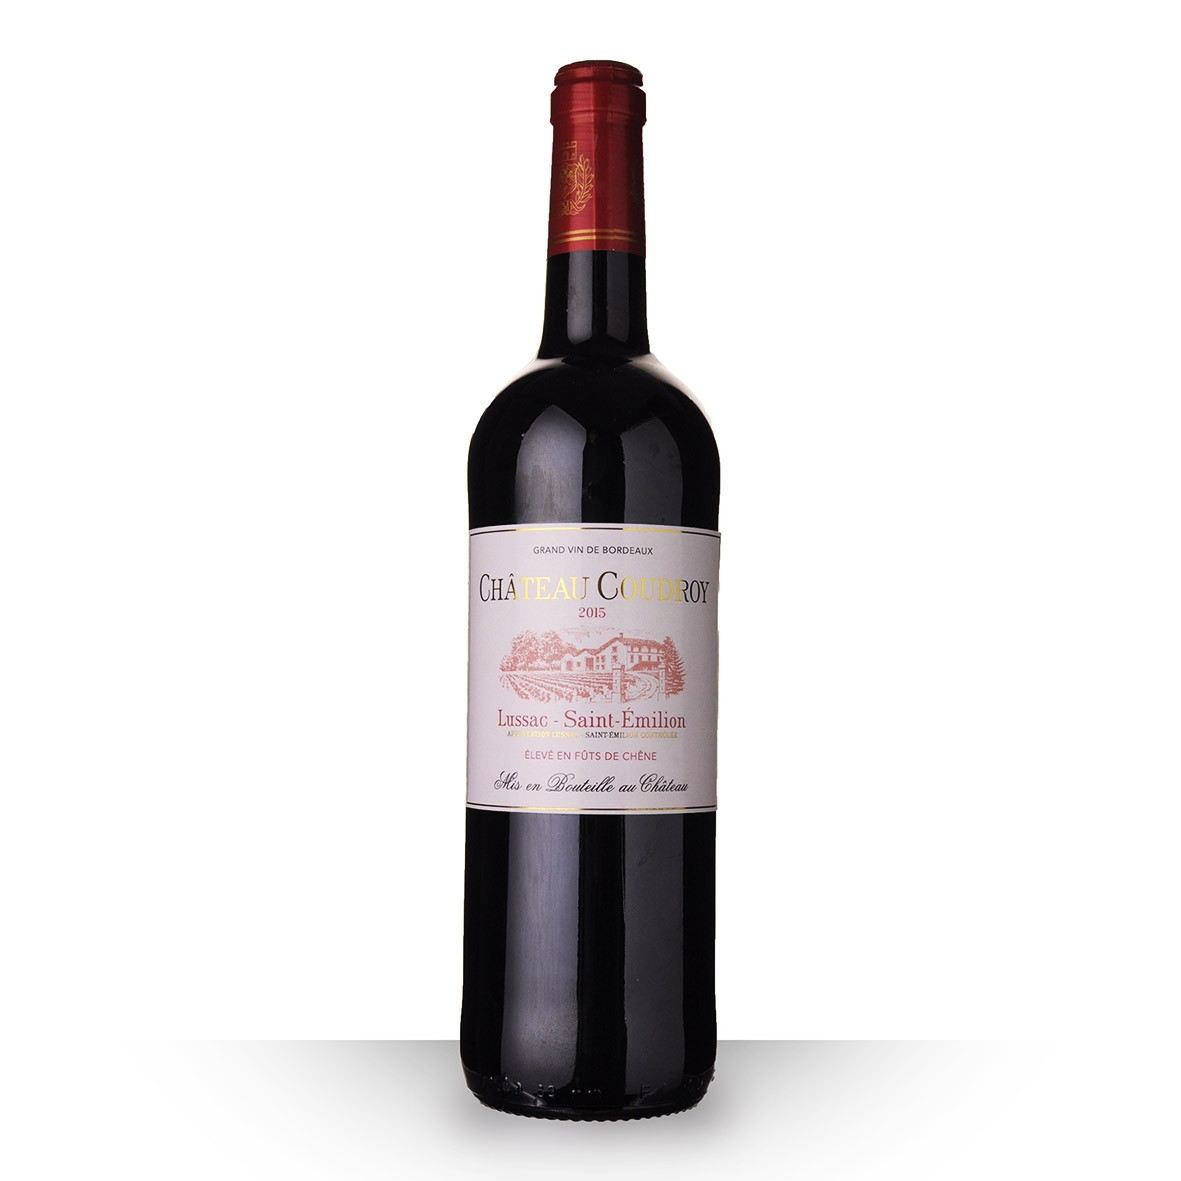 Château Coudroy Lussac-Saint-Emilion Rouge 2015 75cl www.odyssee-vins.com